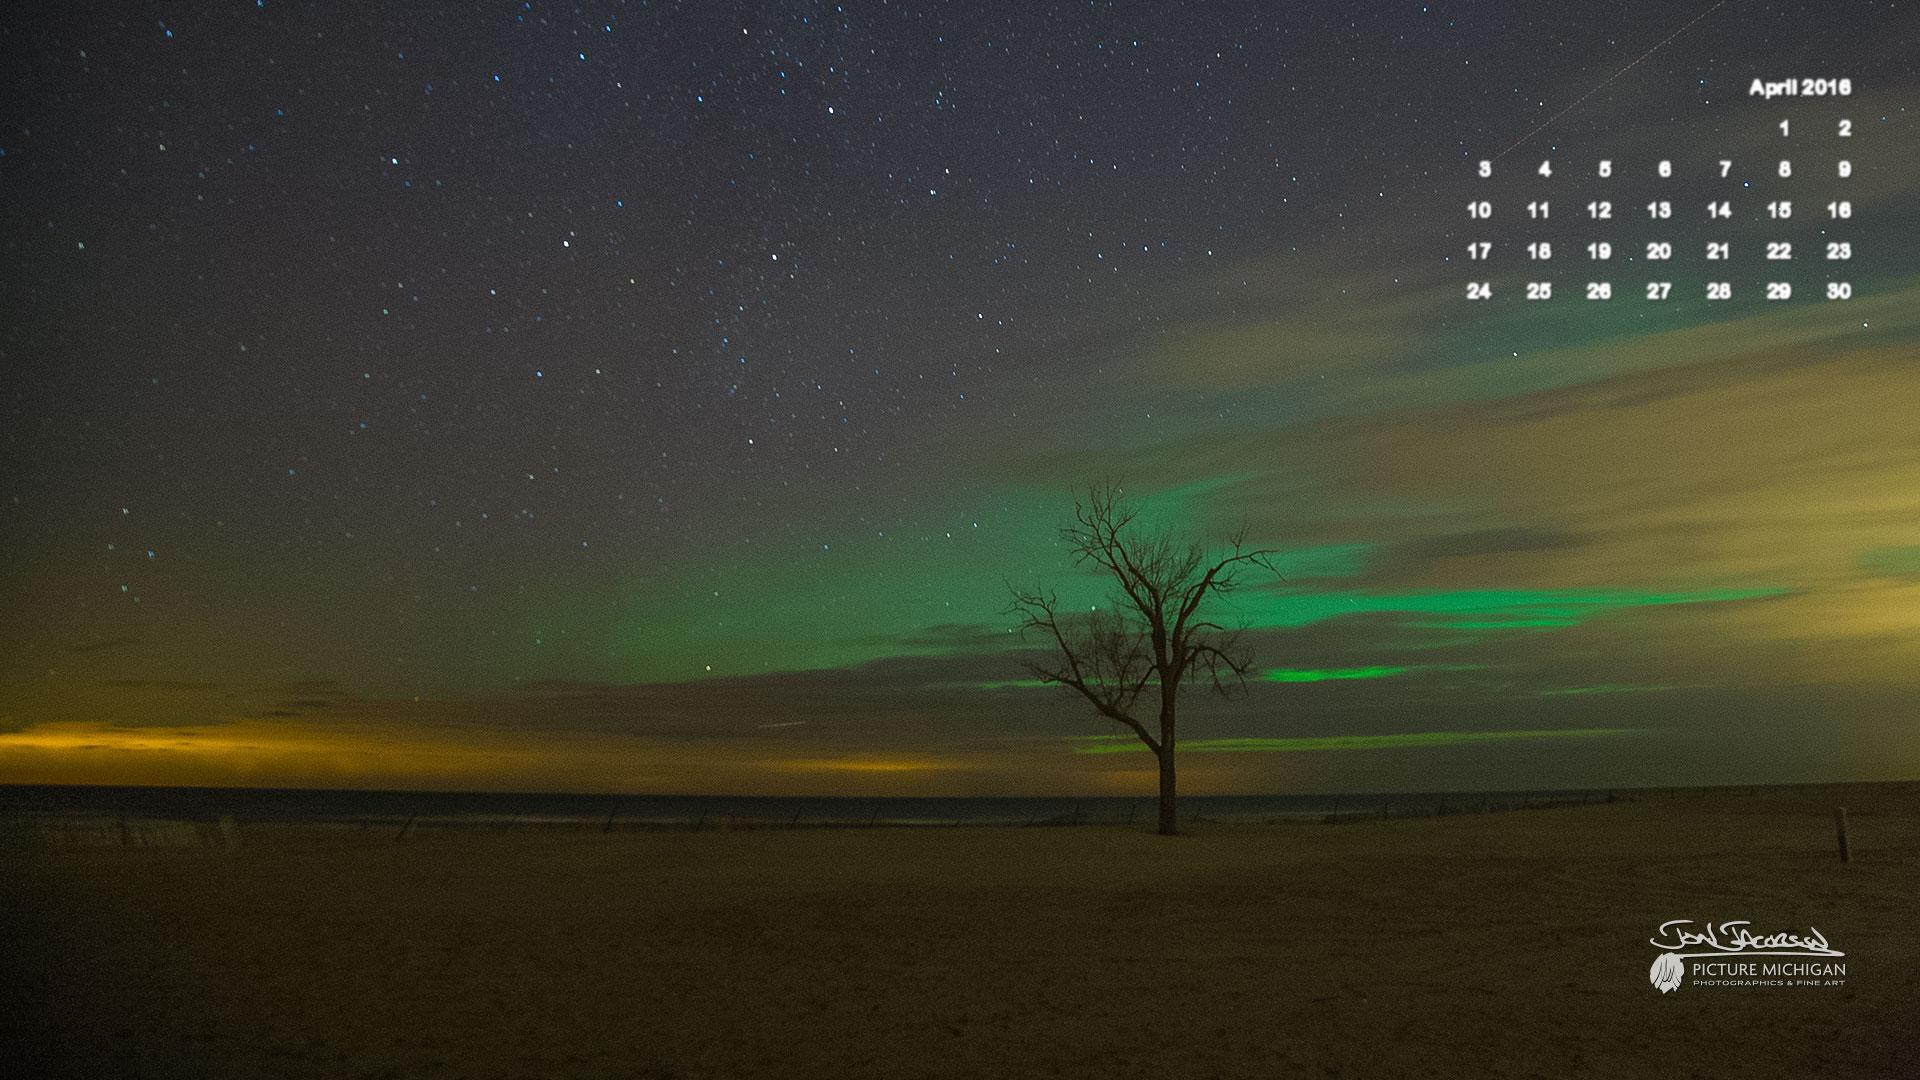 88 887557 april 2016 calendar desktop wallpaper northern lights calendar